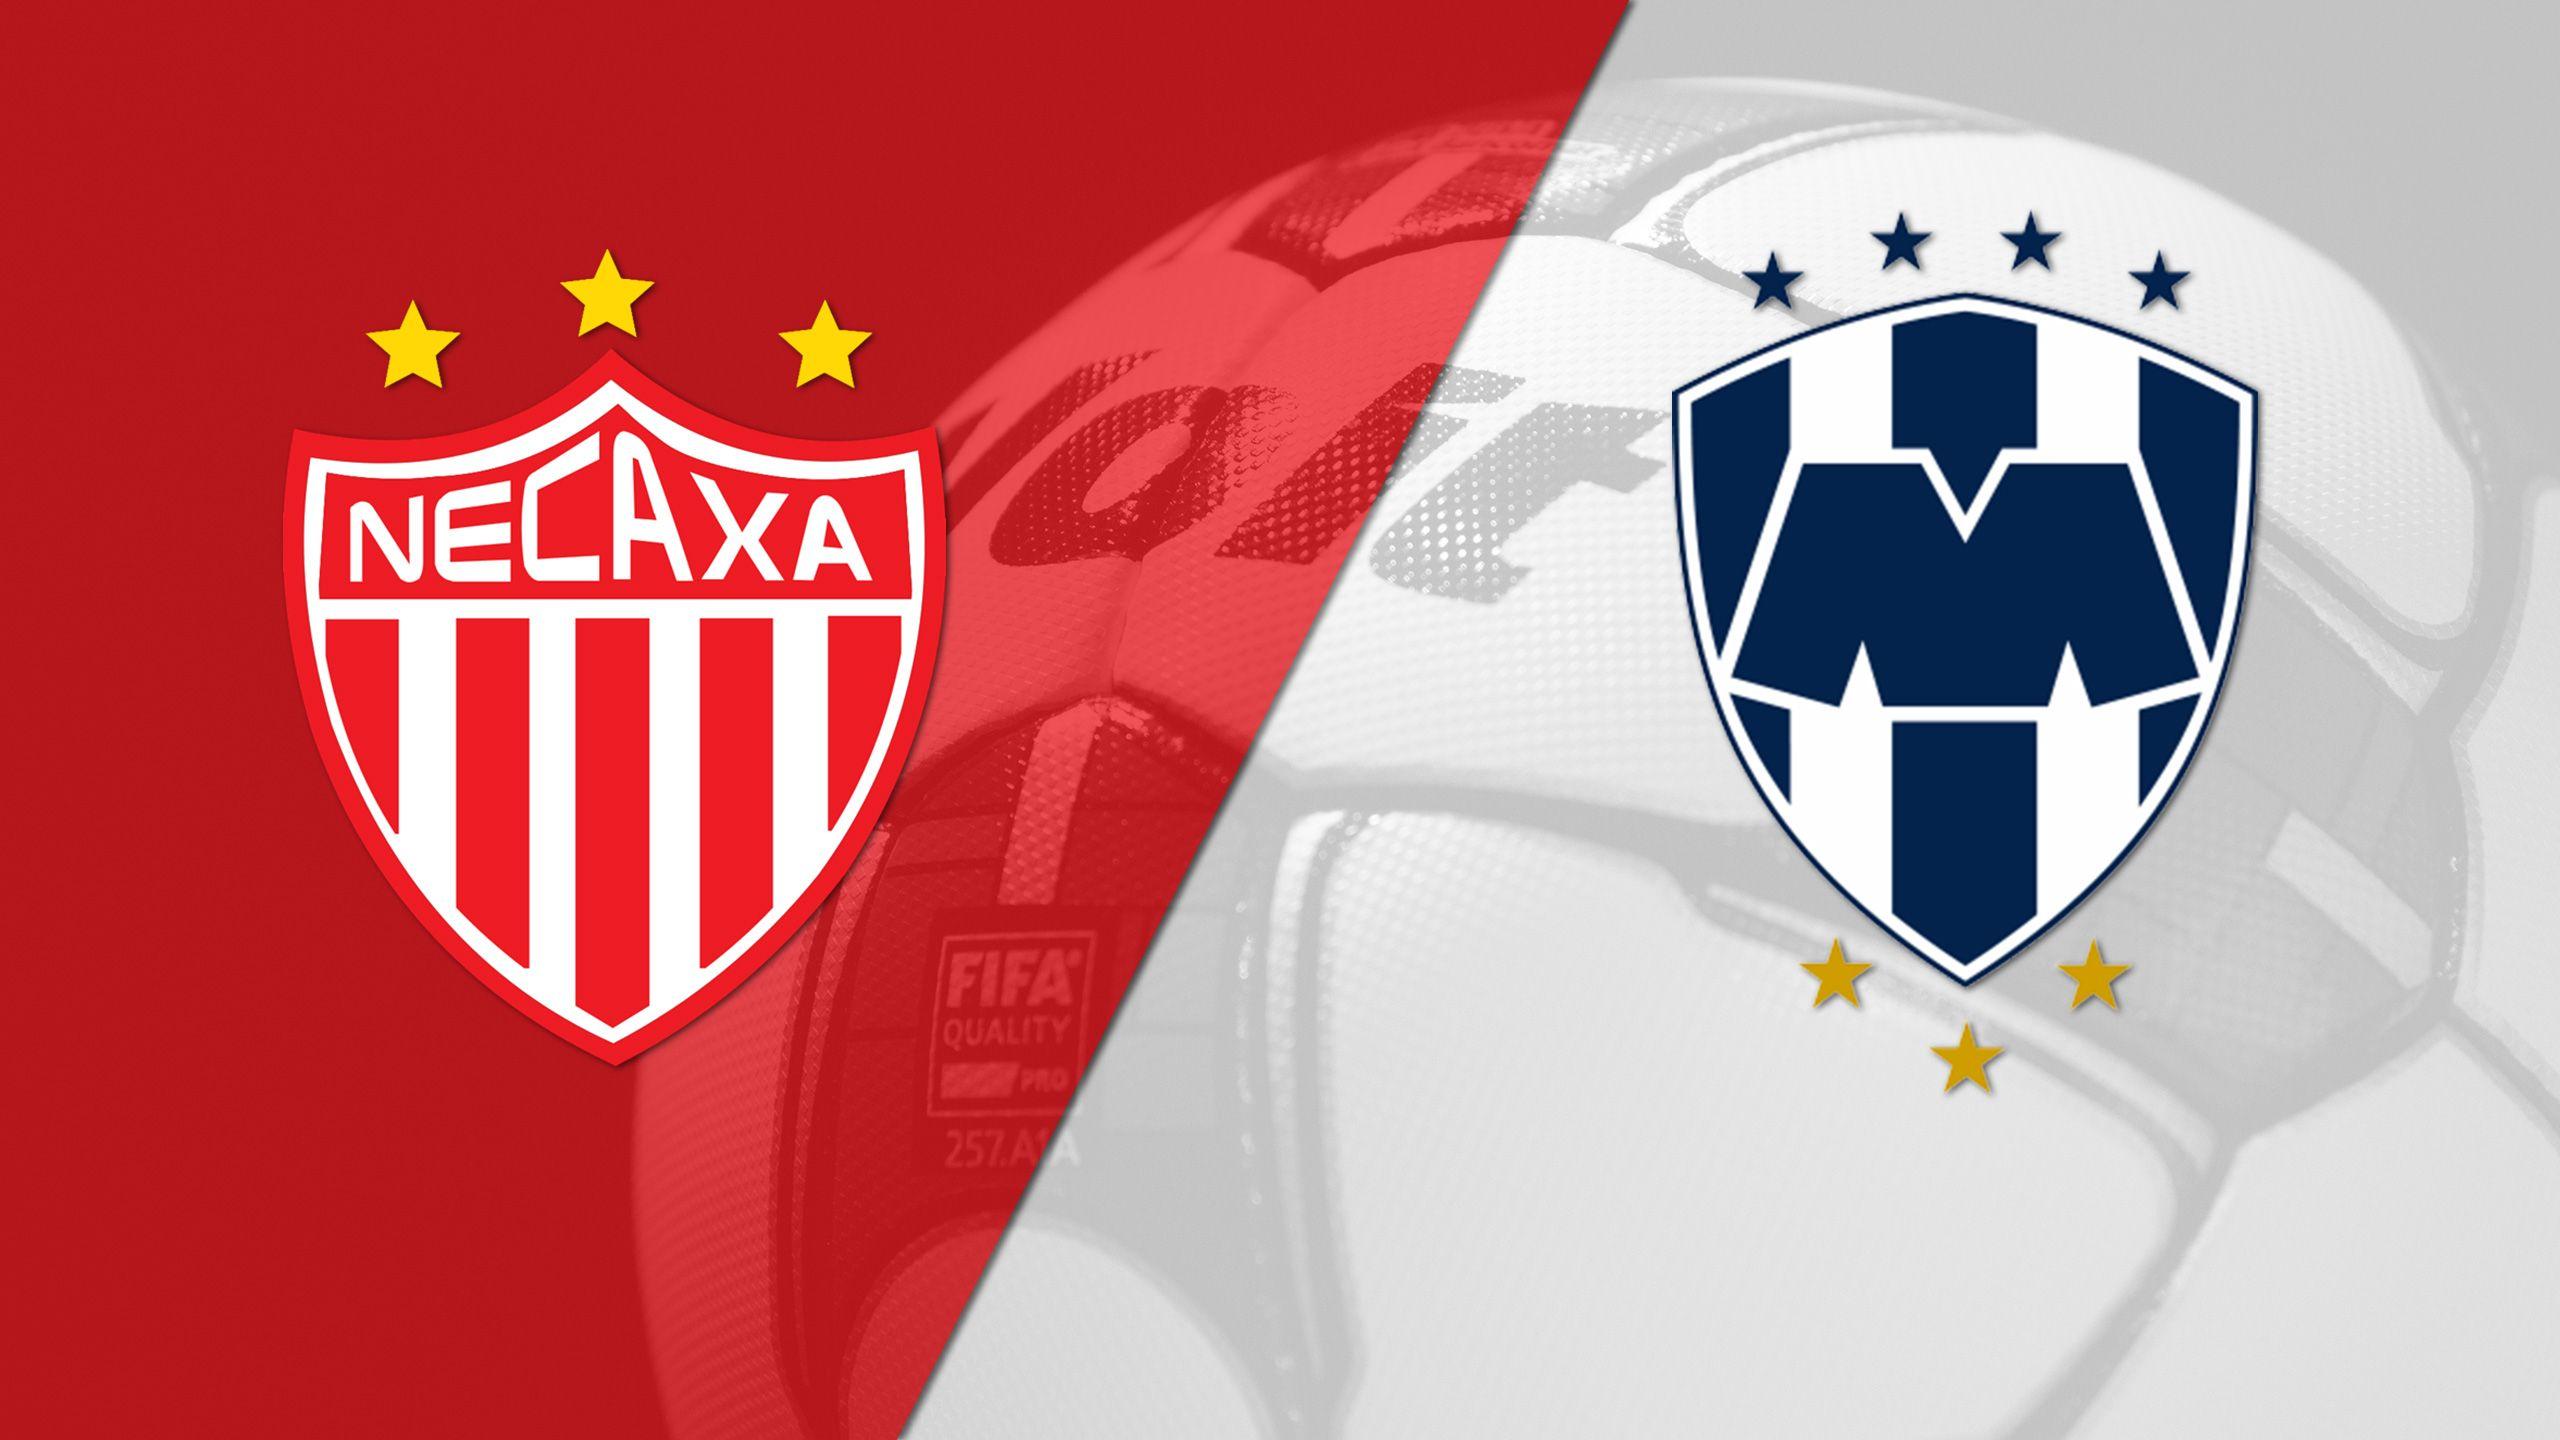 In Spanish - Rayos del Necaxa vs. Rayados Monterrey (Matchday #8) (Liga MX)